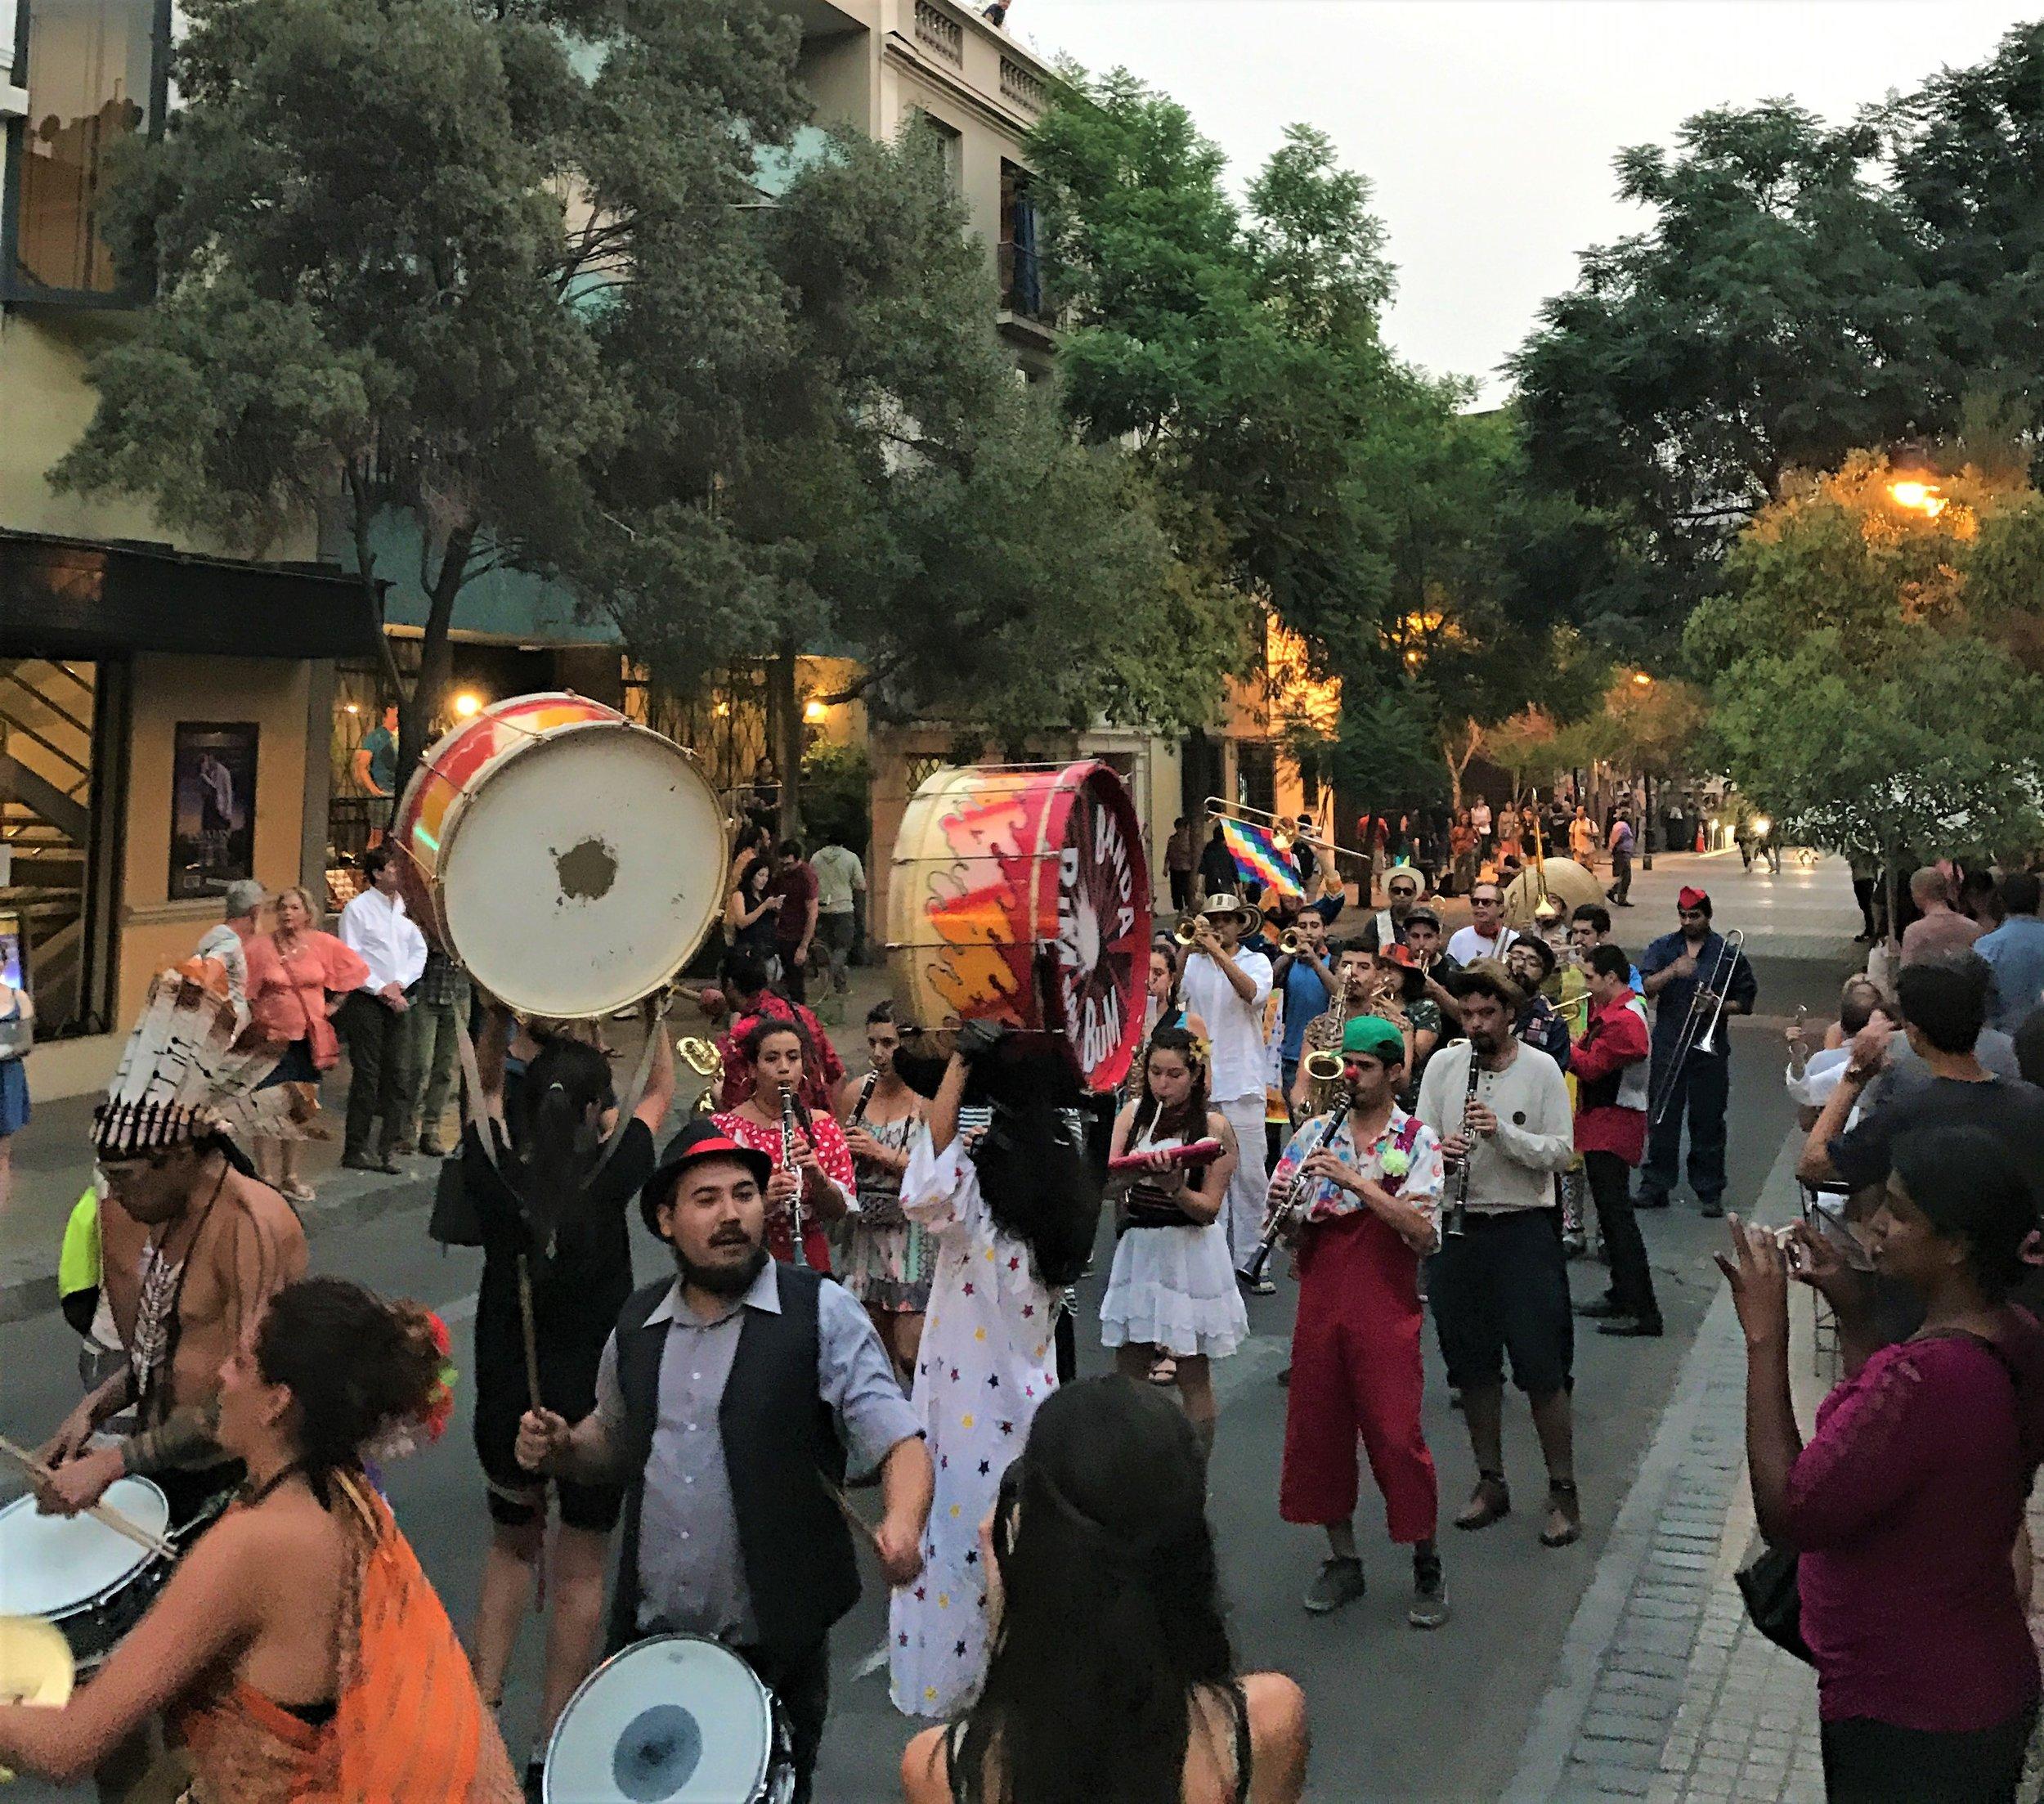 Street Parade in Barrio Lastarrio